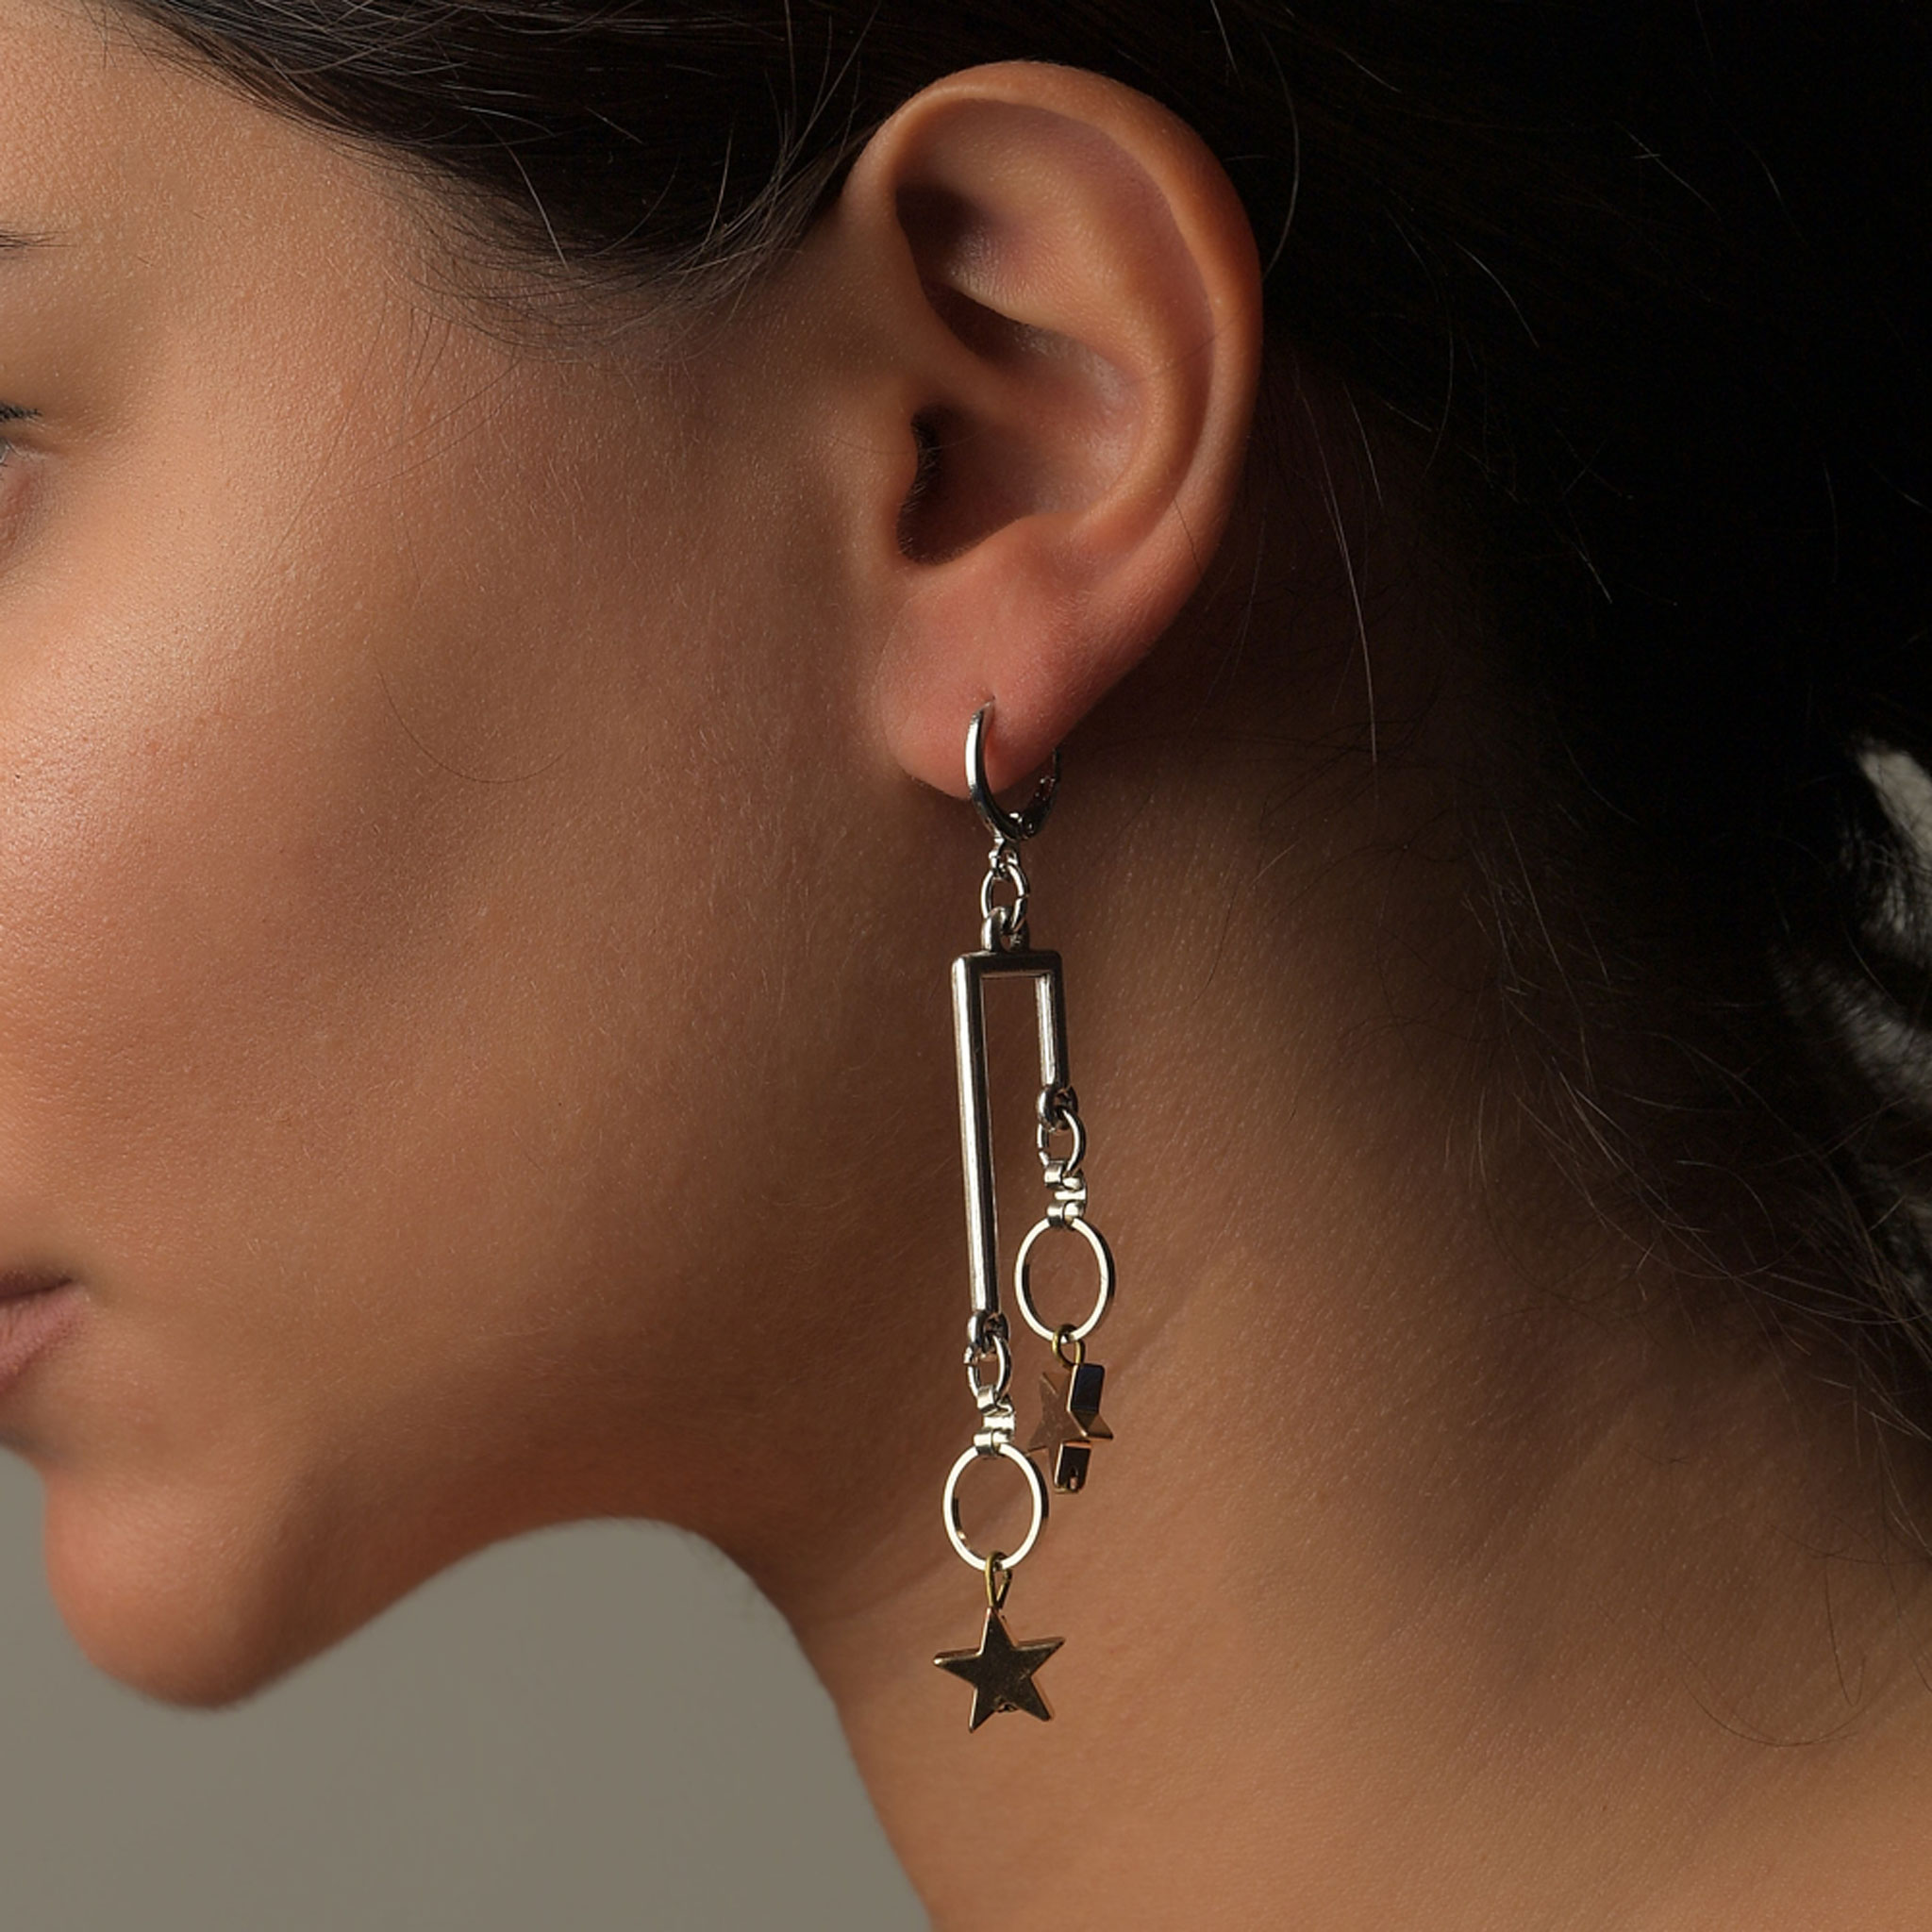 Κρεμαστά σκουλαρίκια2